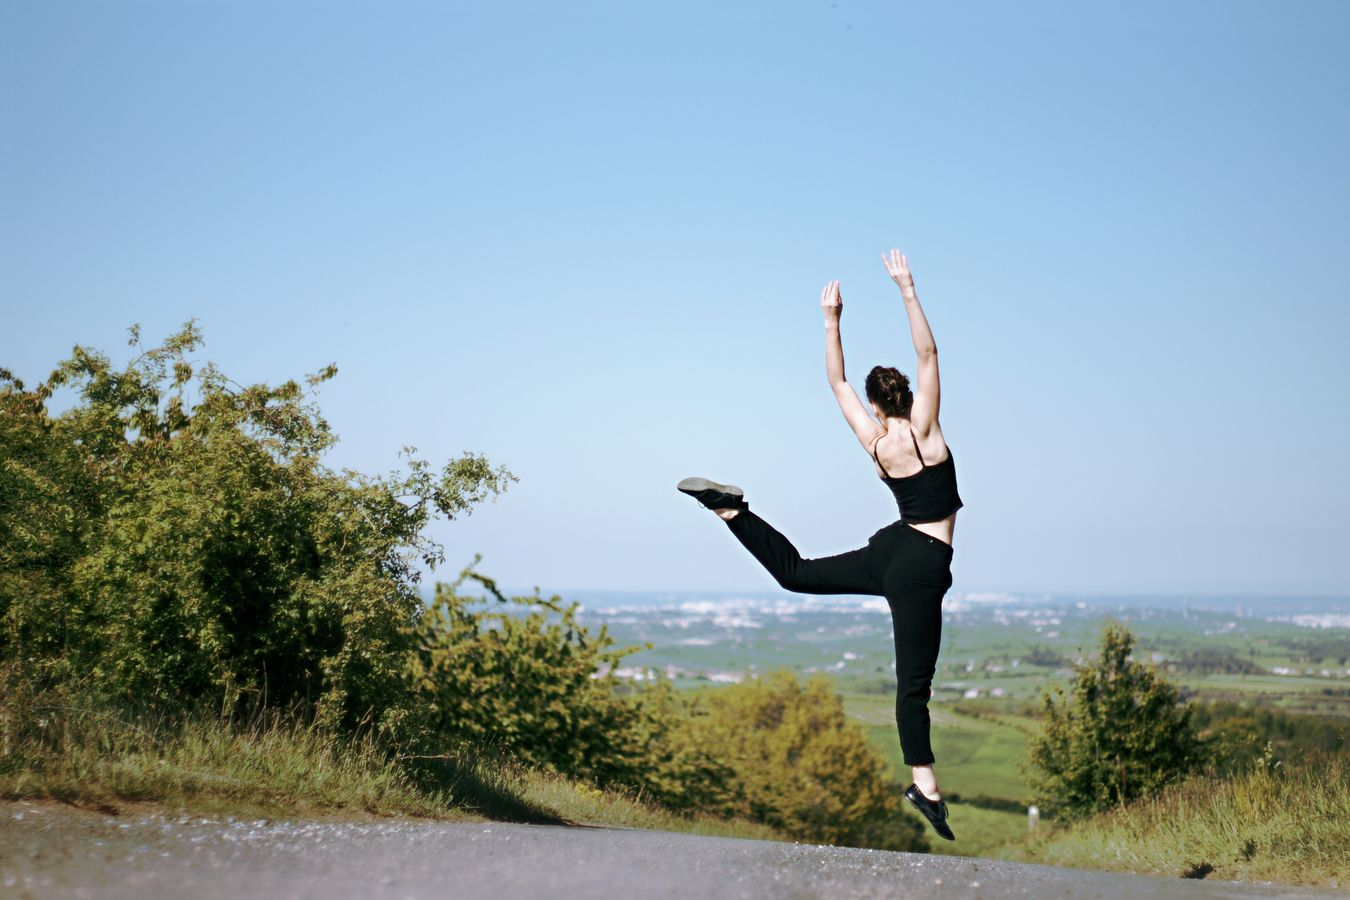 Pour une session de danse contemporaine, Mathilde s'élance dans les airs, non loin de la chapelle de Saint-Laurent d'Agny.